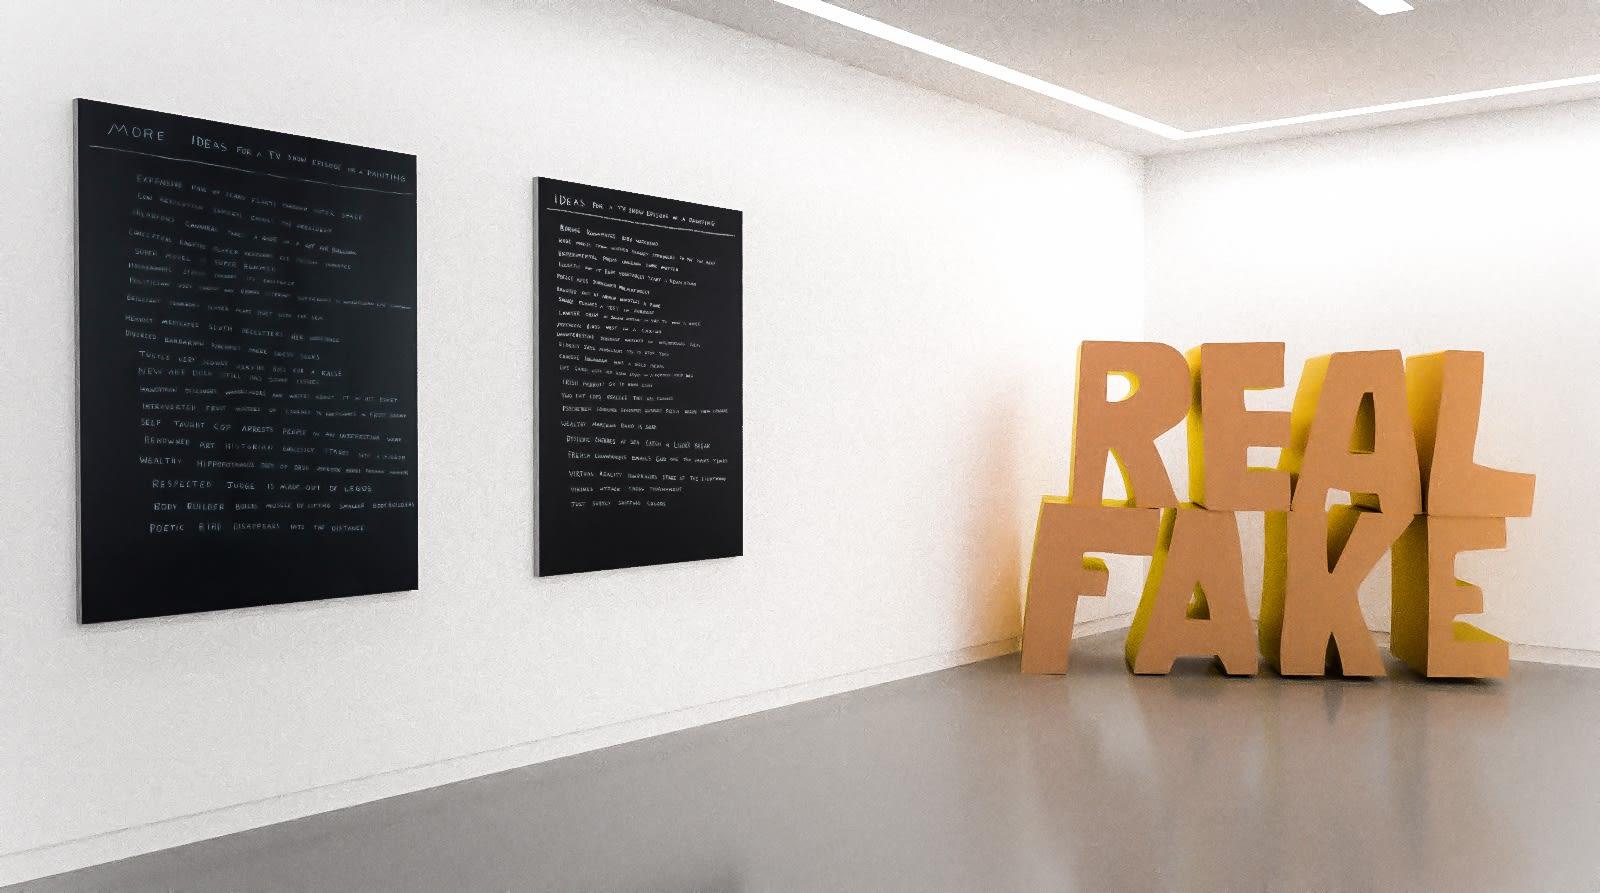 Works by Scott Reeder in The Written Word (virtual exhibition view), 2020, Kavi Gupta